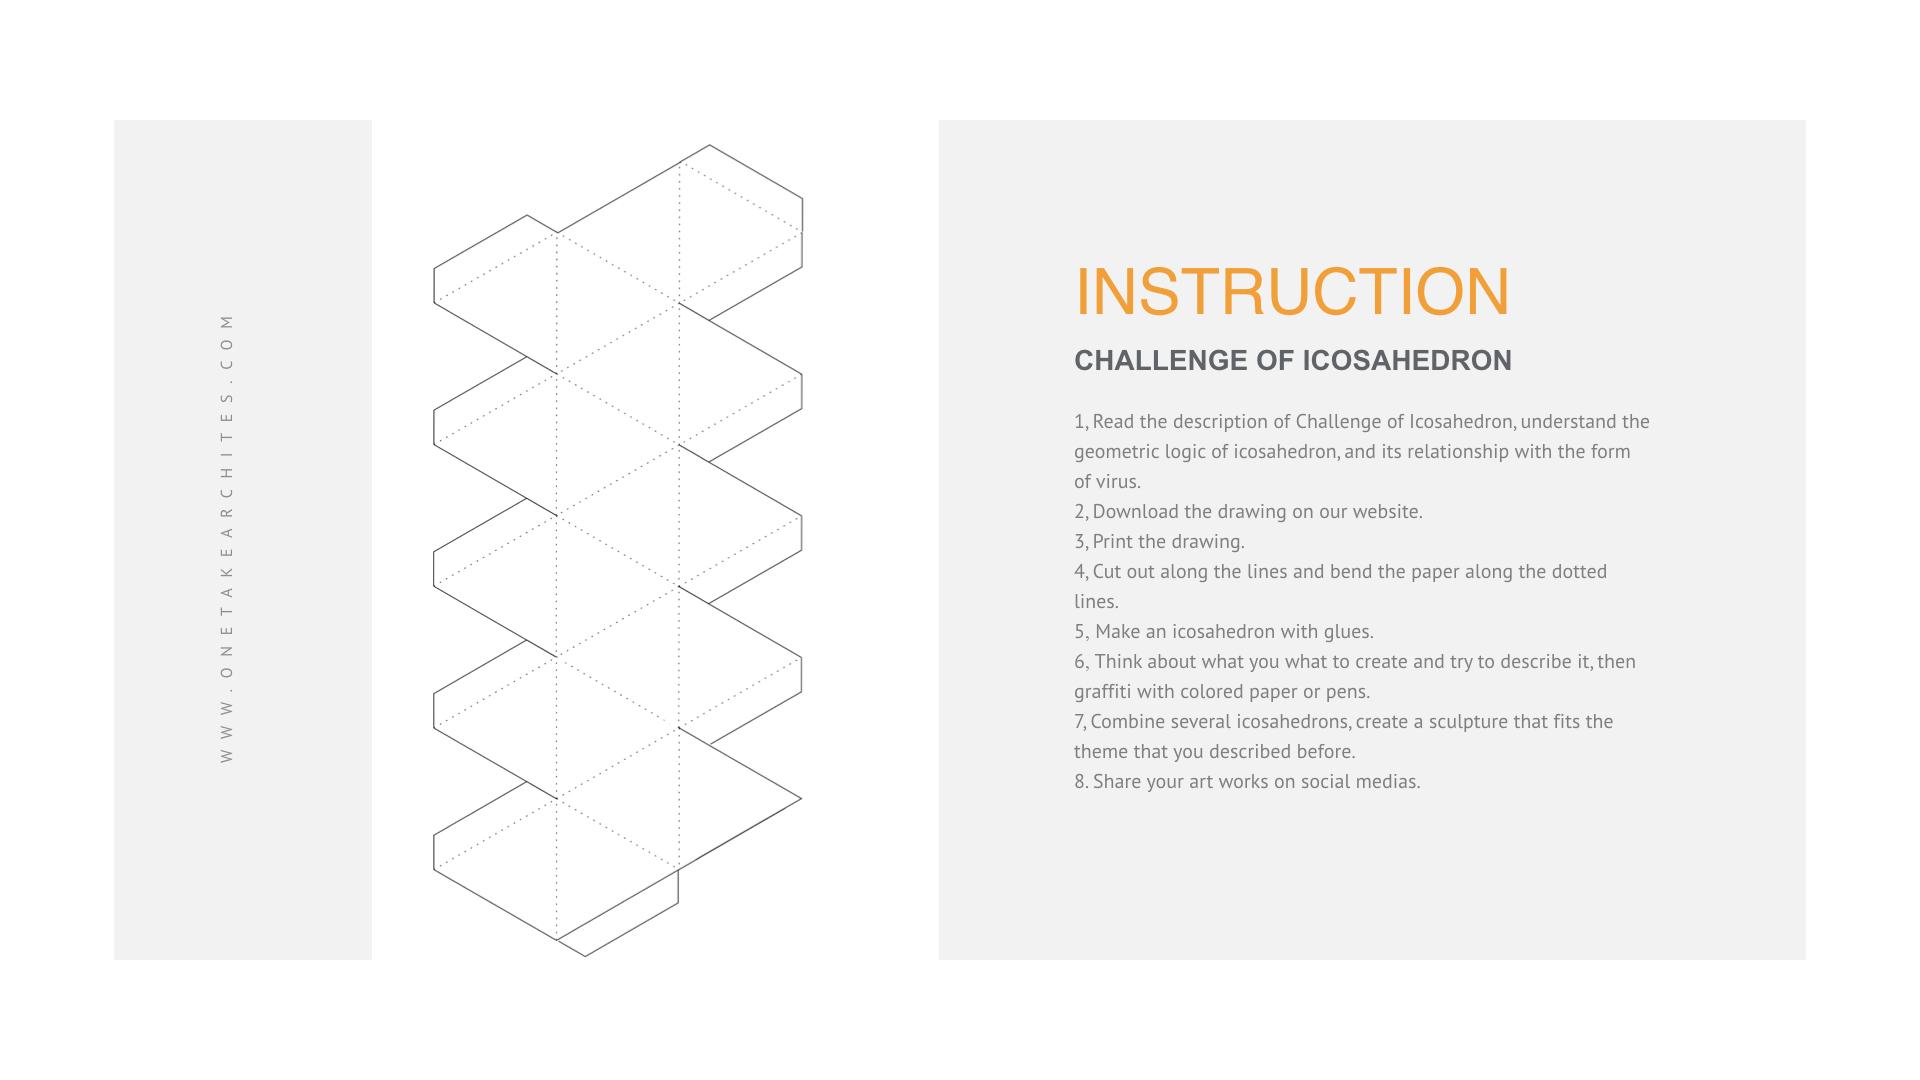 图纸-Challenge of Icosahedron.001